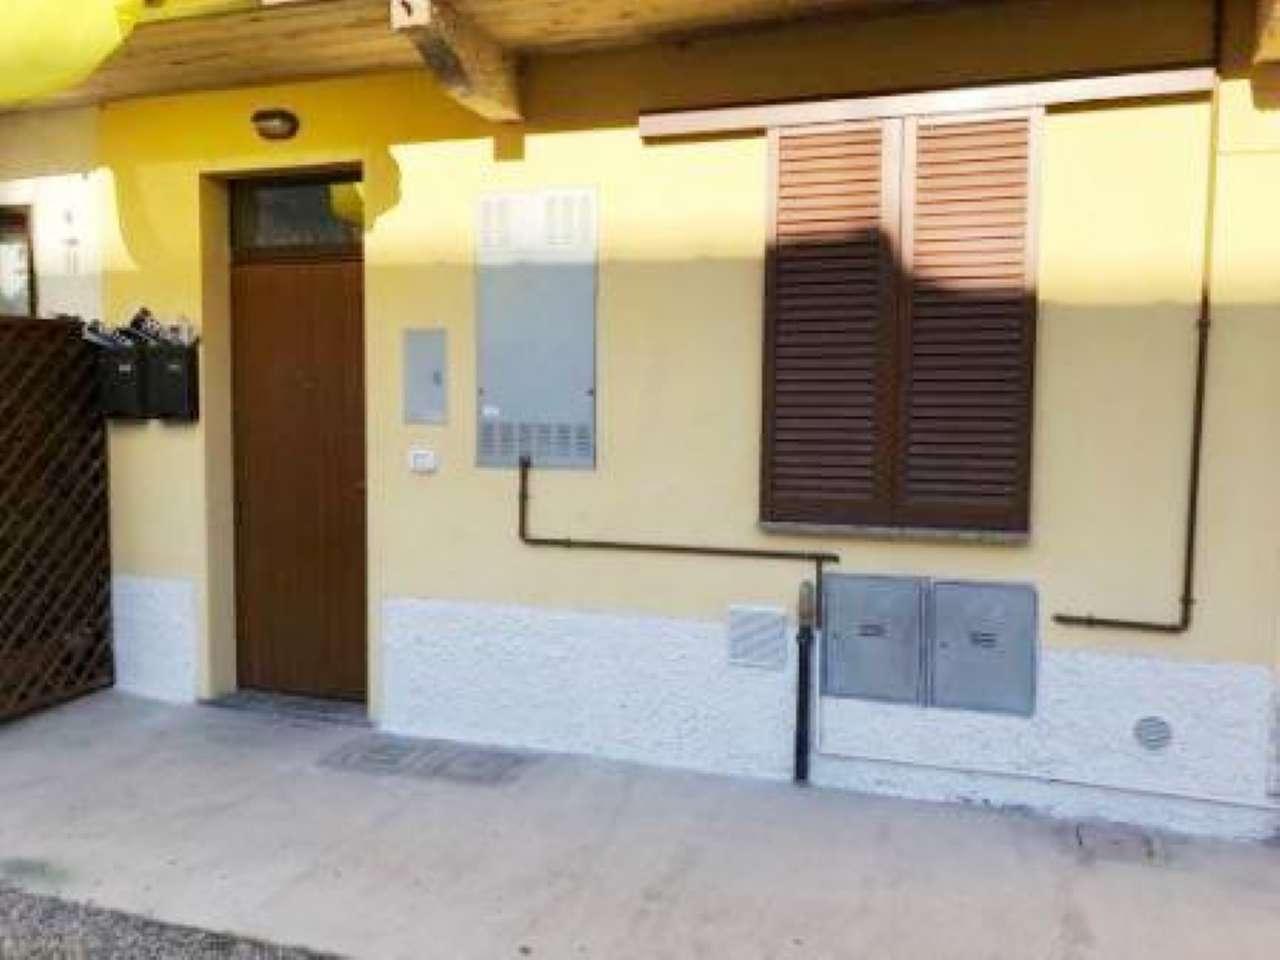 Appartamento in vendita a Gerenzano, 2 locali, prezzo € 75.000 | CambioCasa.it